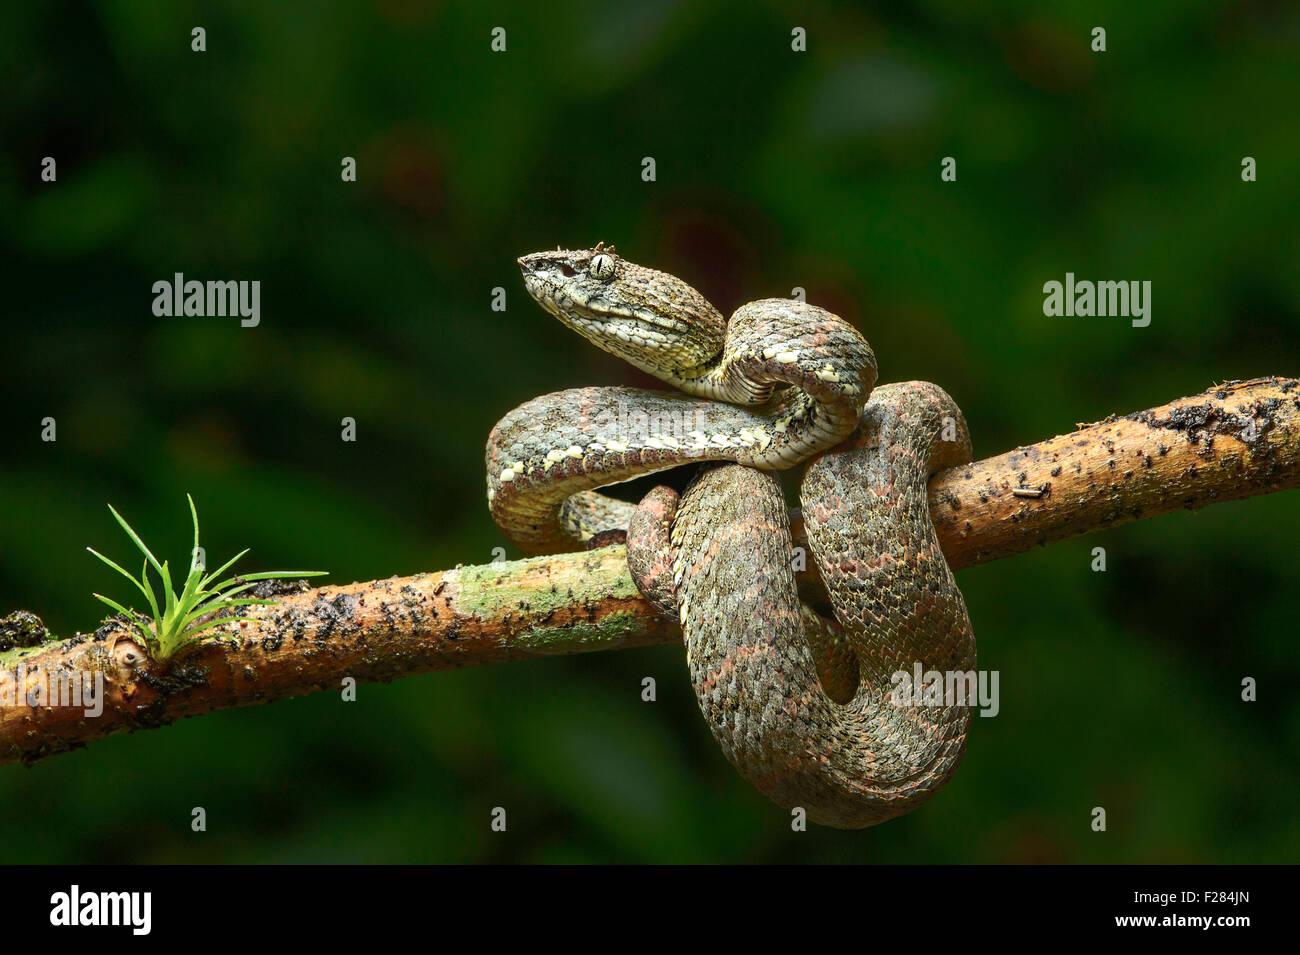 Erwachsenen giftige Wimpern Palm-Pitviper (Bothriechis Schlegelii), Viper Familie (Viperidae), Chocó Regenwald Stockbild